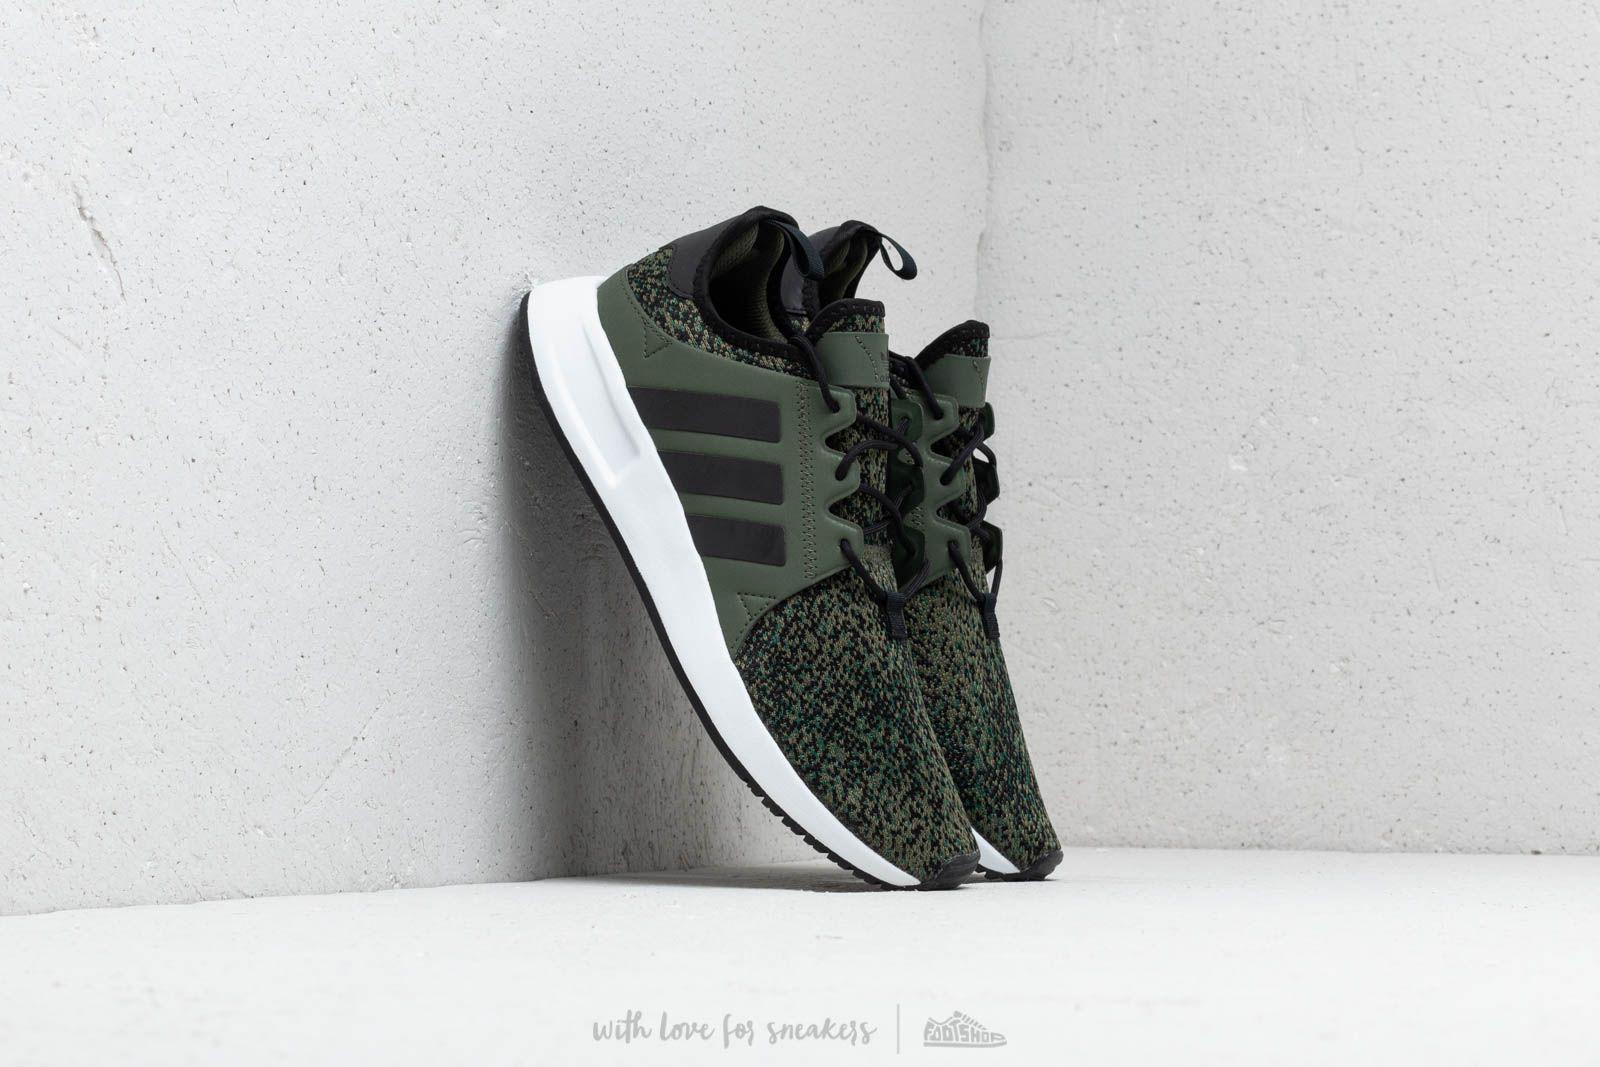 adidas Originals. Men s Adidas X plr Base Green  Core Black  Ftwr White 5e9e83c6f